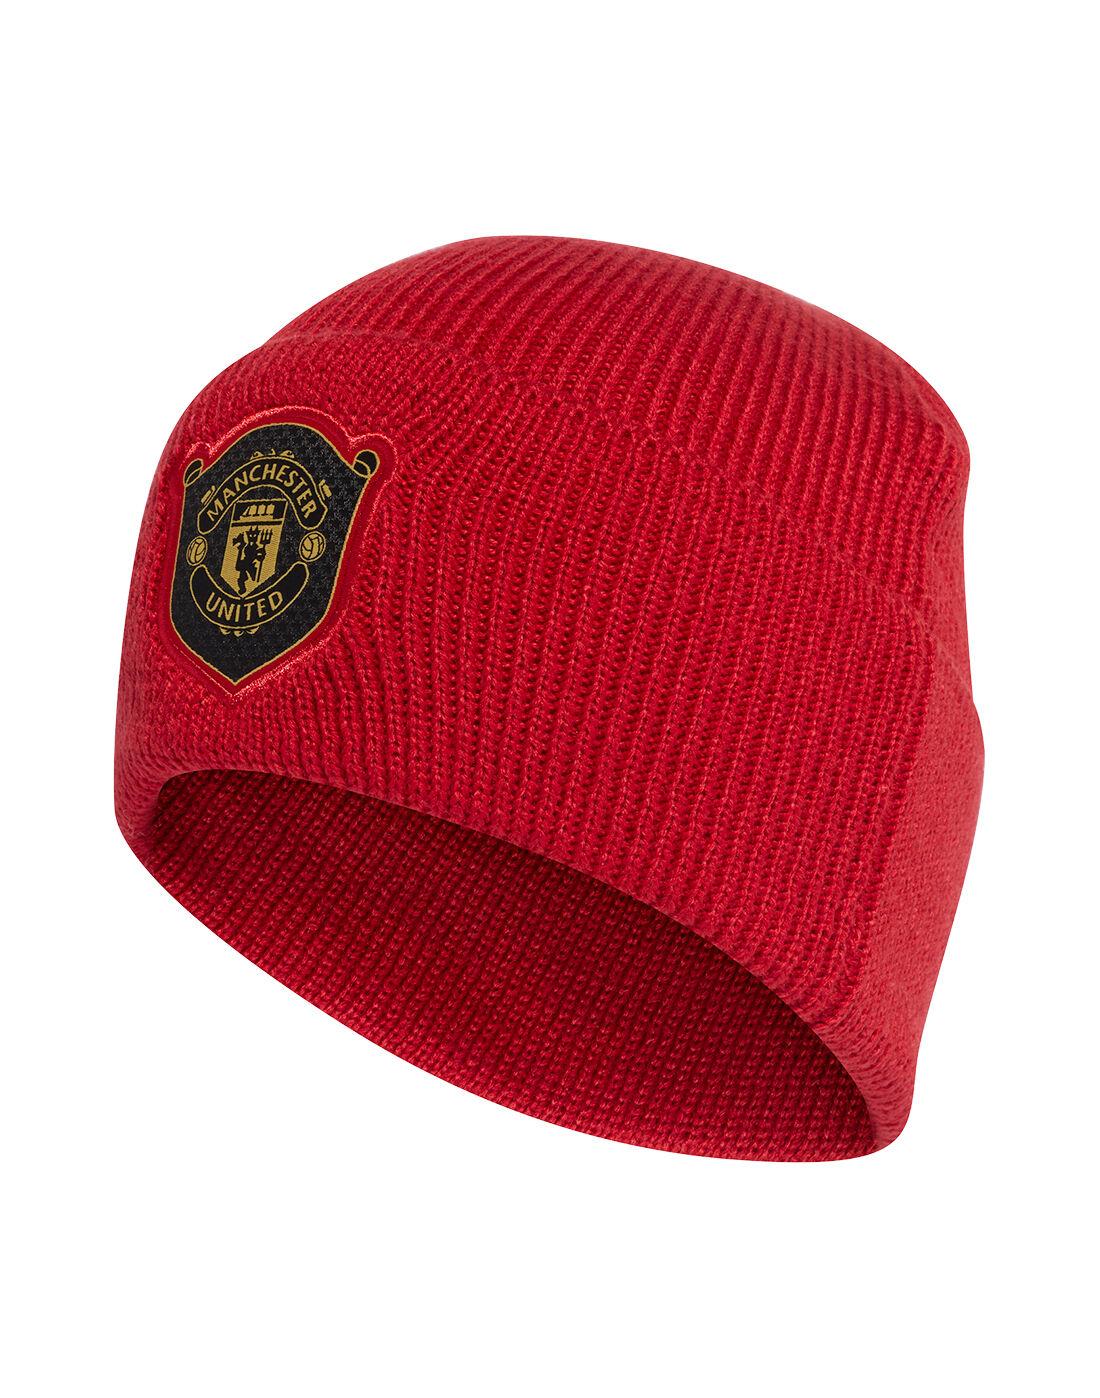 Manchester United Baby Beanie Hat 6-12 Months